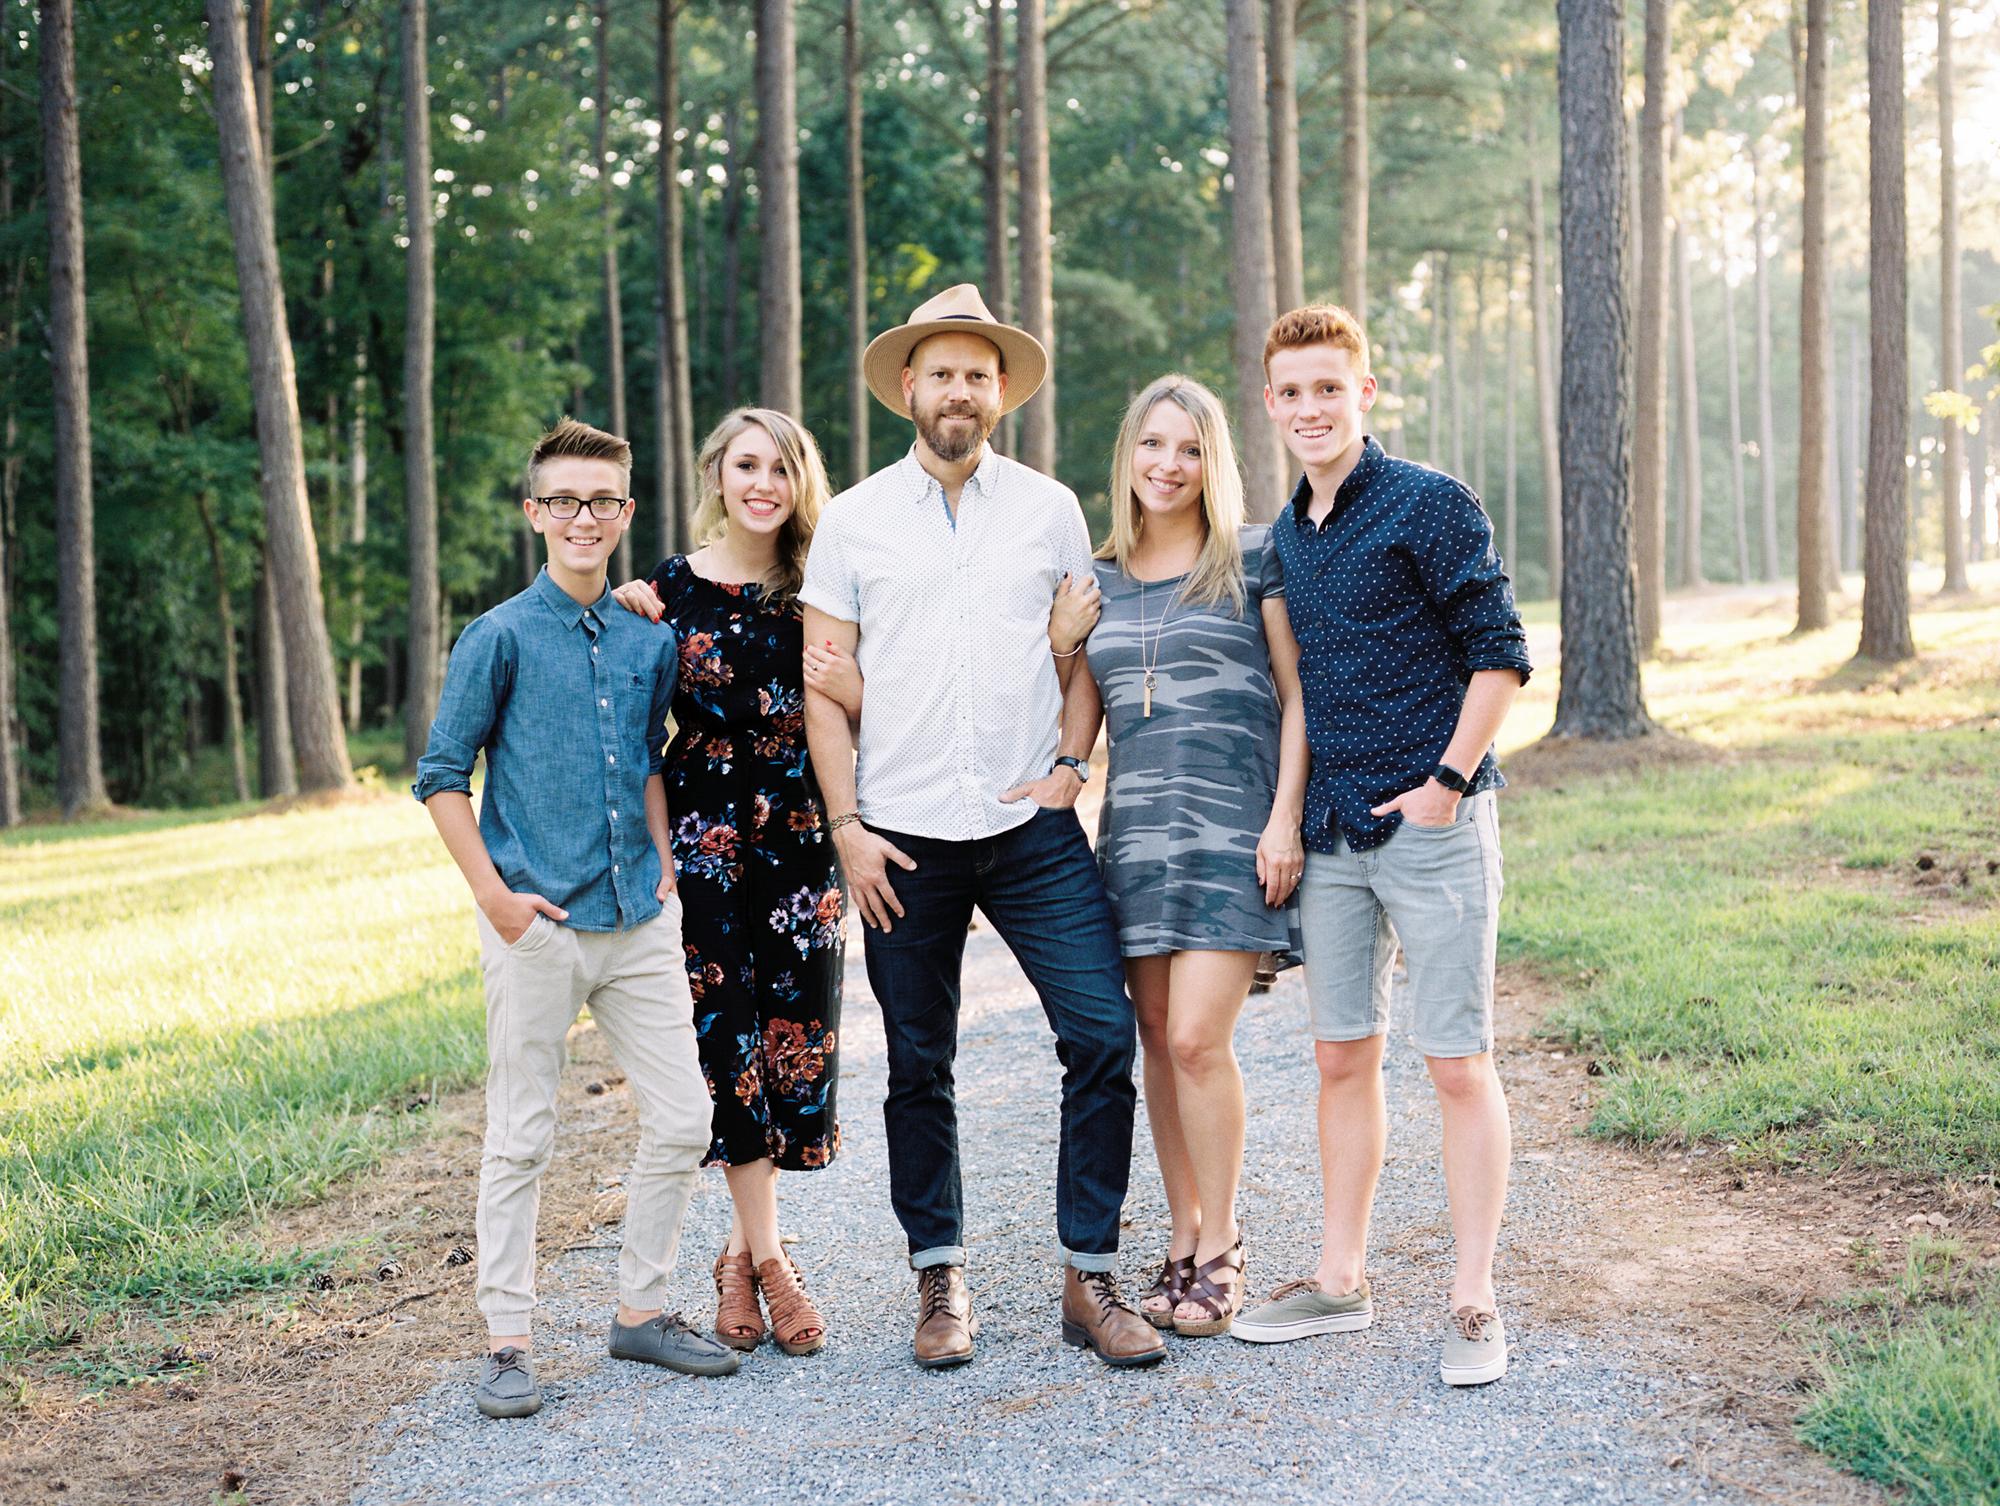 sierra-vista-family-session-charlotte-best-photographer-wedding-family-7.jpg